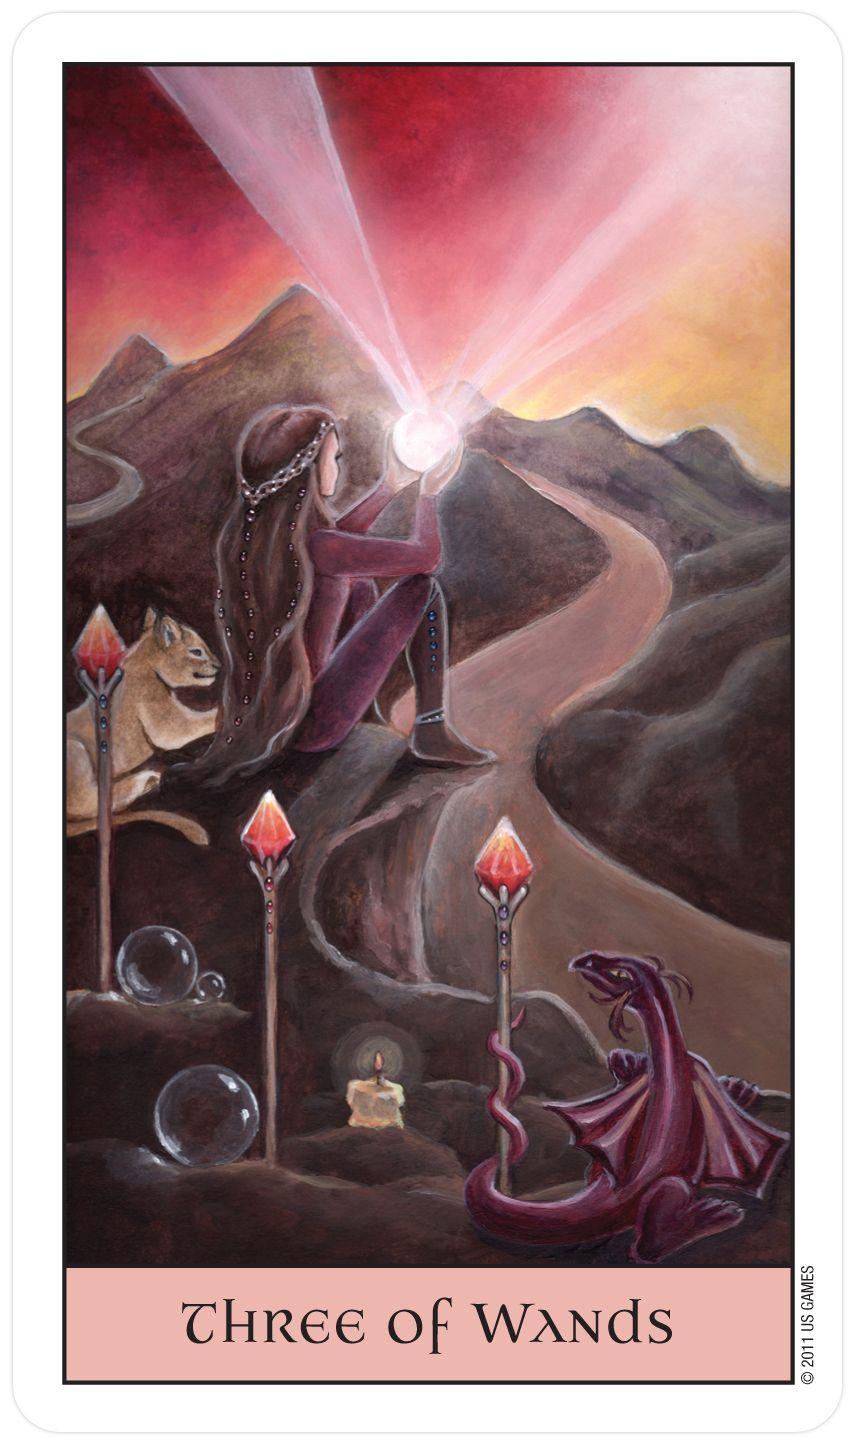 The King of Wands Tarot Card | Keen